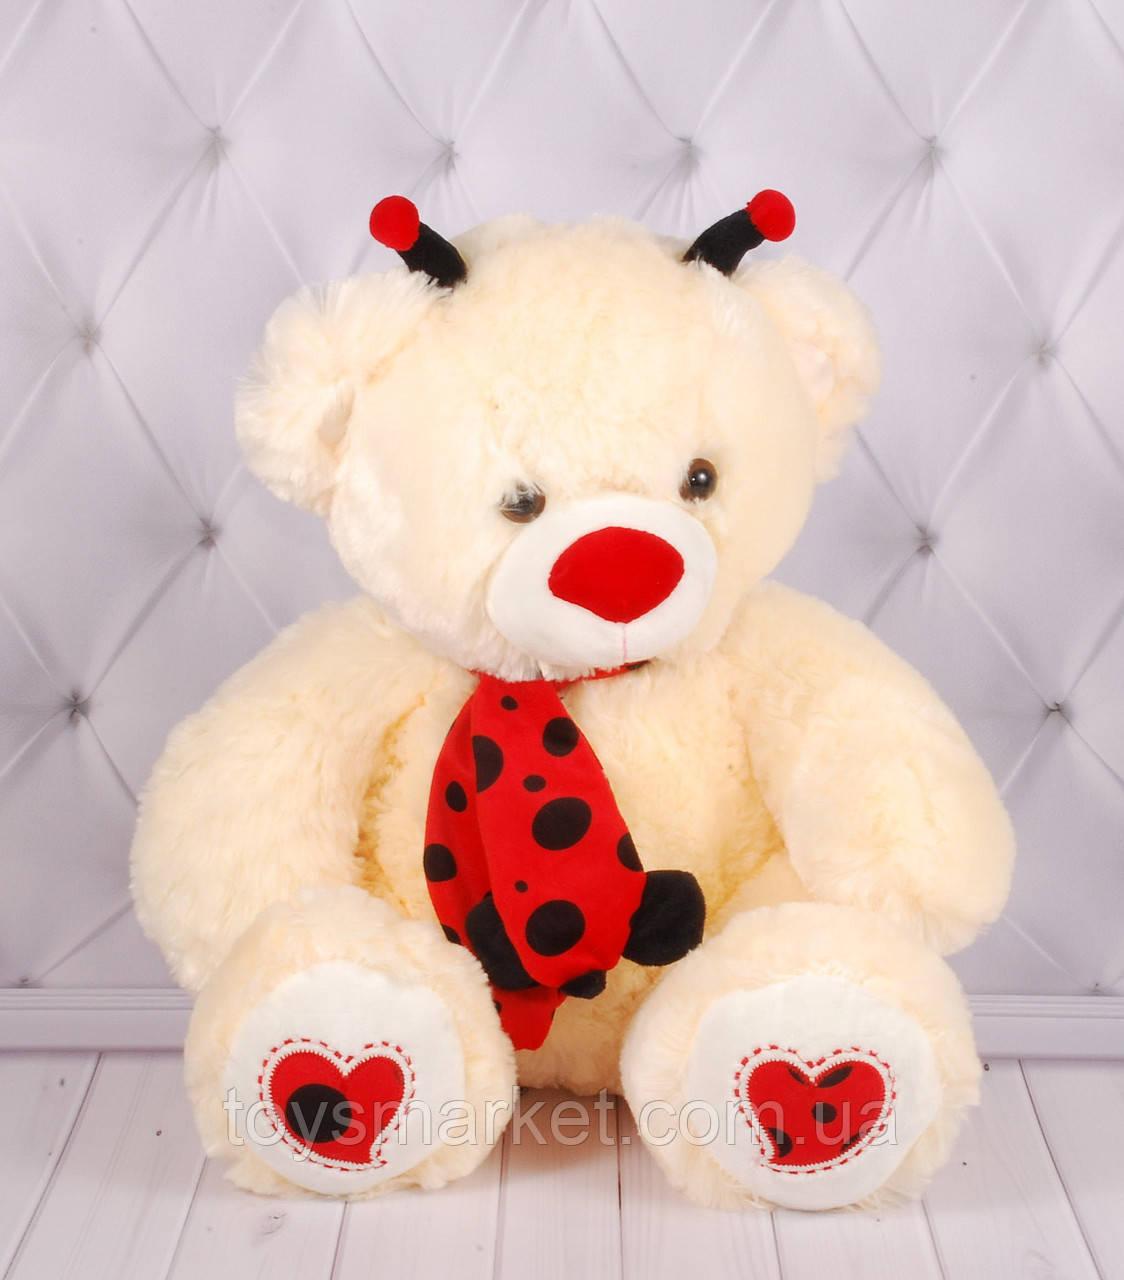 """Плюшевый Мишка """"Бублик 017"""", мягкая игрушка медведь 60 см, плюшевая игрушка медведь"""